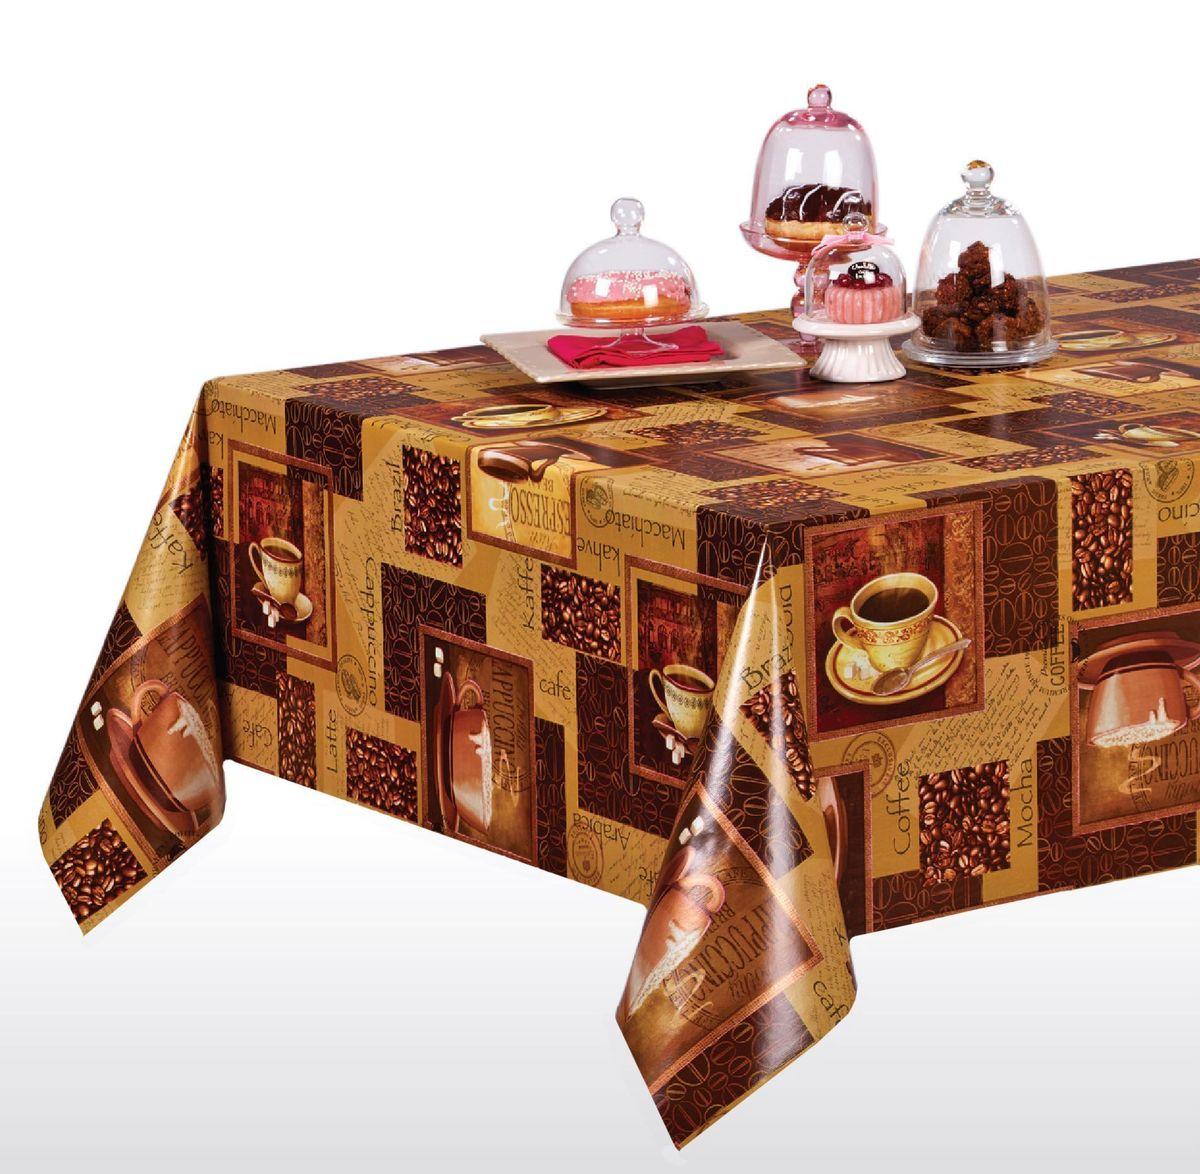 Клеенка столовая LCadesi Florista, прямоугольная, цвет: коричневый, 130 х 165 см. FL130165-004-00FL130165-004-00Столовая клеенка LCadesi Florista с ярким дизайном украсит ваш стол и защитит его от царапин и пятен. Благодаря основе из нетканого материала не скользит по столу. Клеенка не имеет запаха и совершенно безопасна для человека.